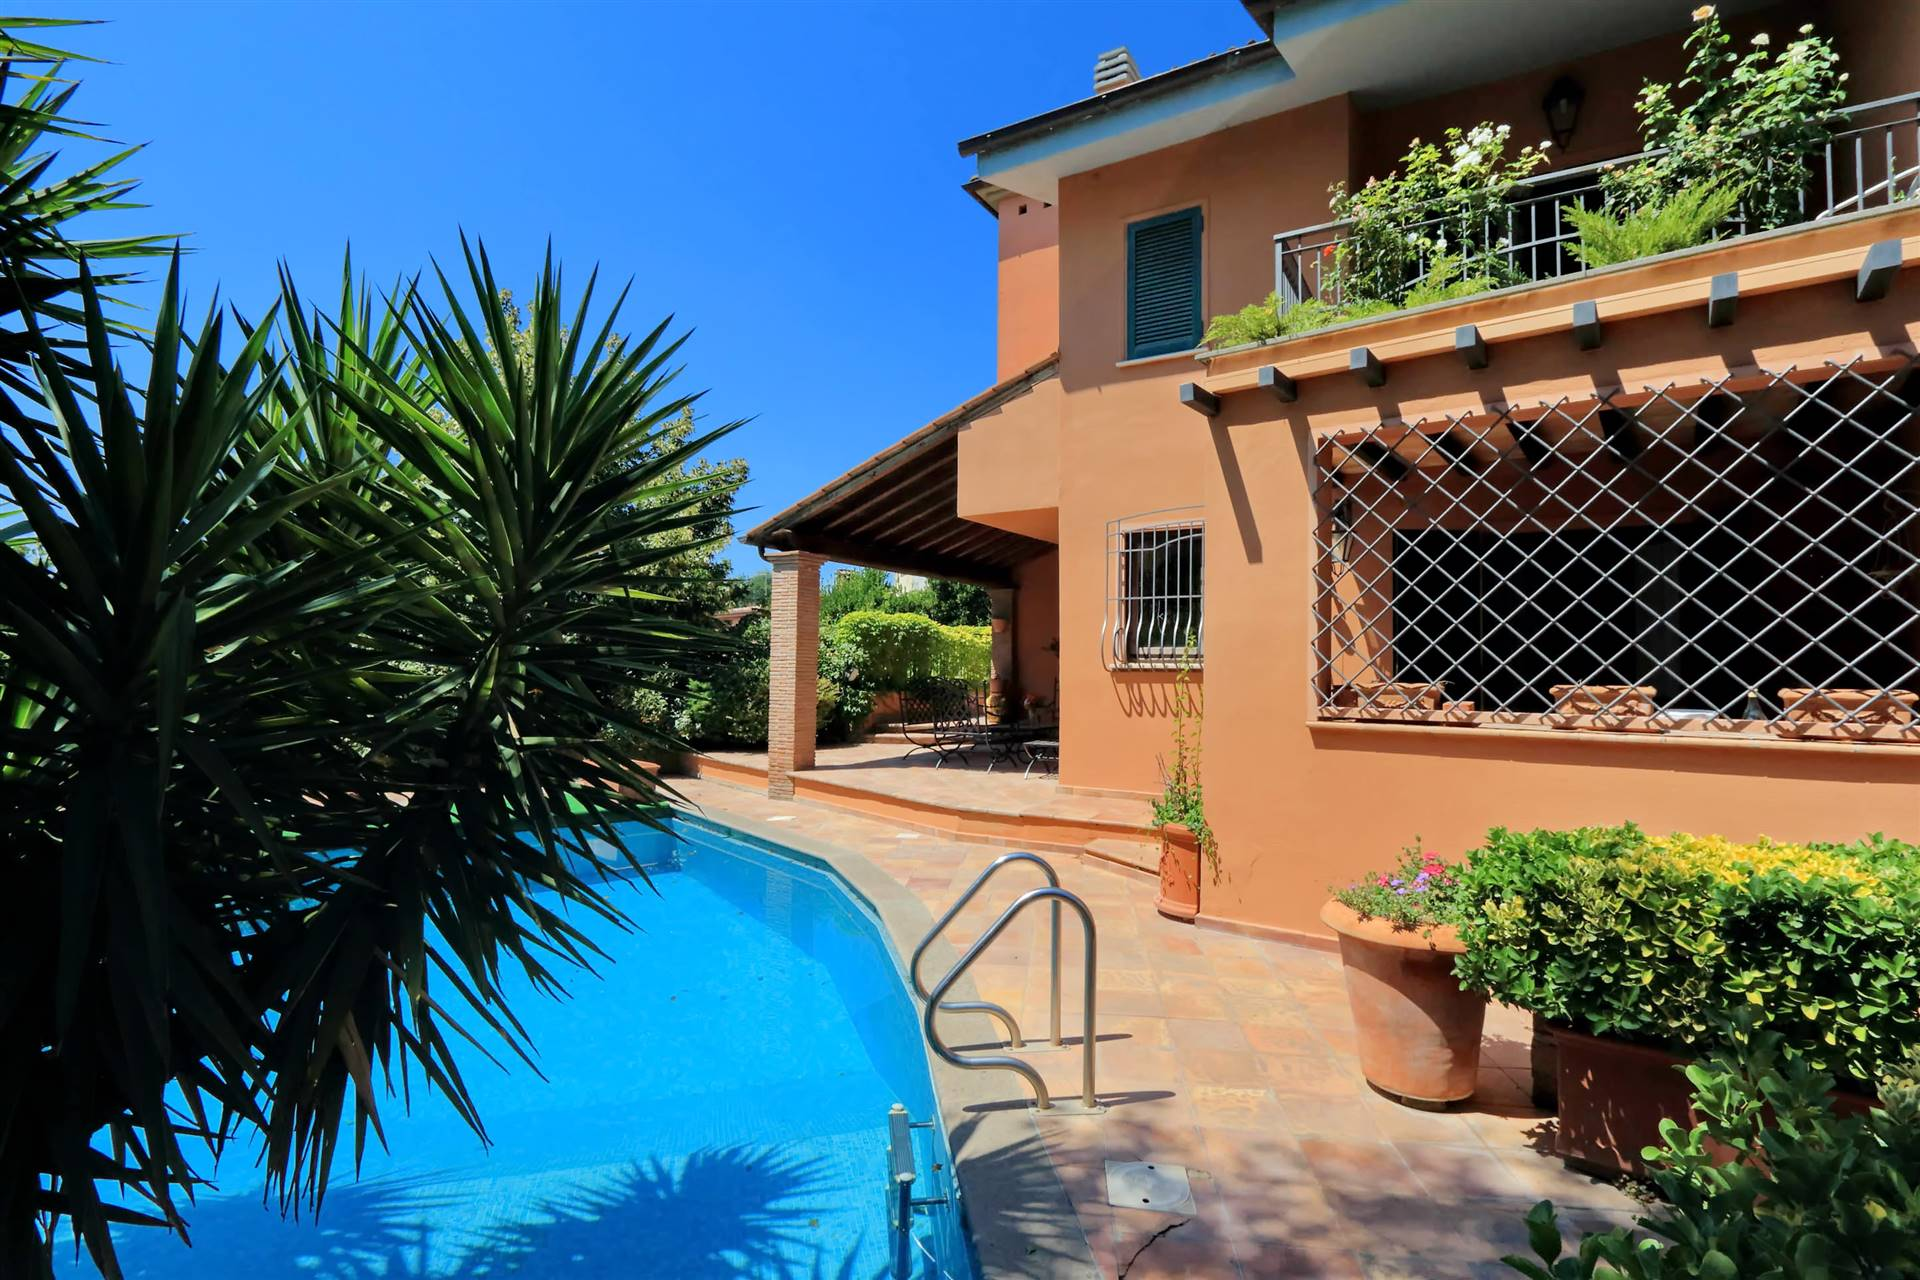 Castelnuovo di Porto, Flaminia, zona Montecardeto, a 16 km dal centro RAI SAXA RUBRA, in posizione panoramica e dominante proponiamo la locazione di una splendida villa unifamiliare con piscina,